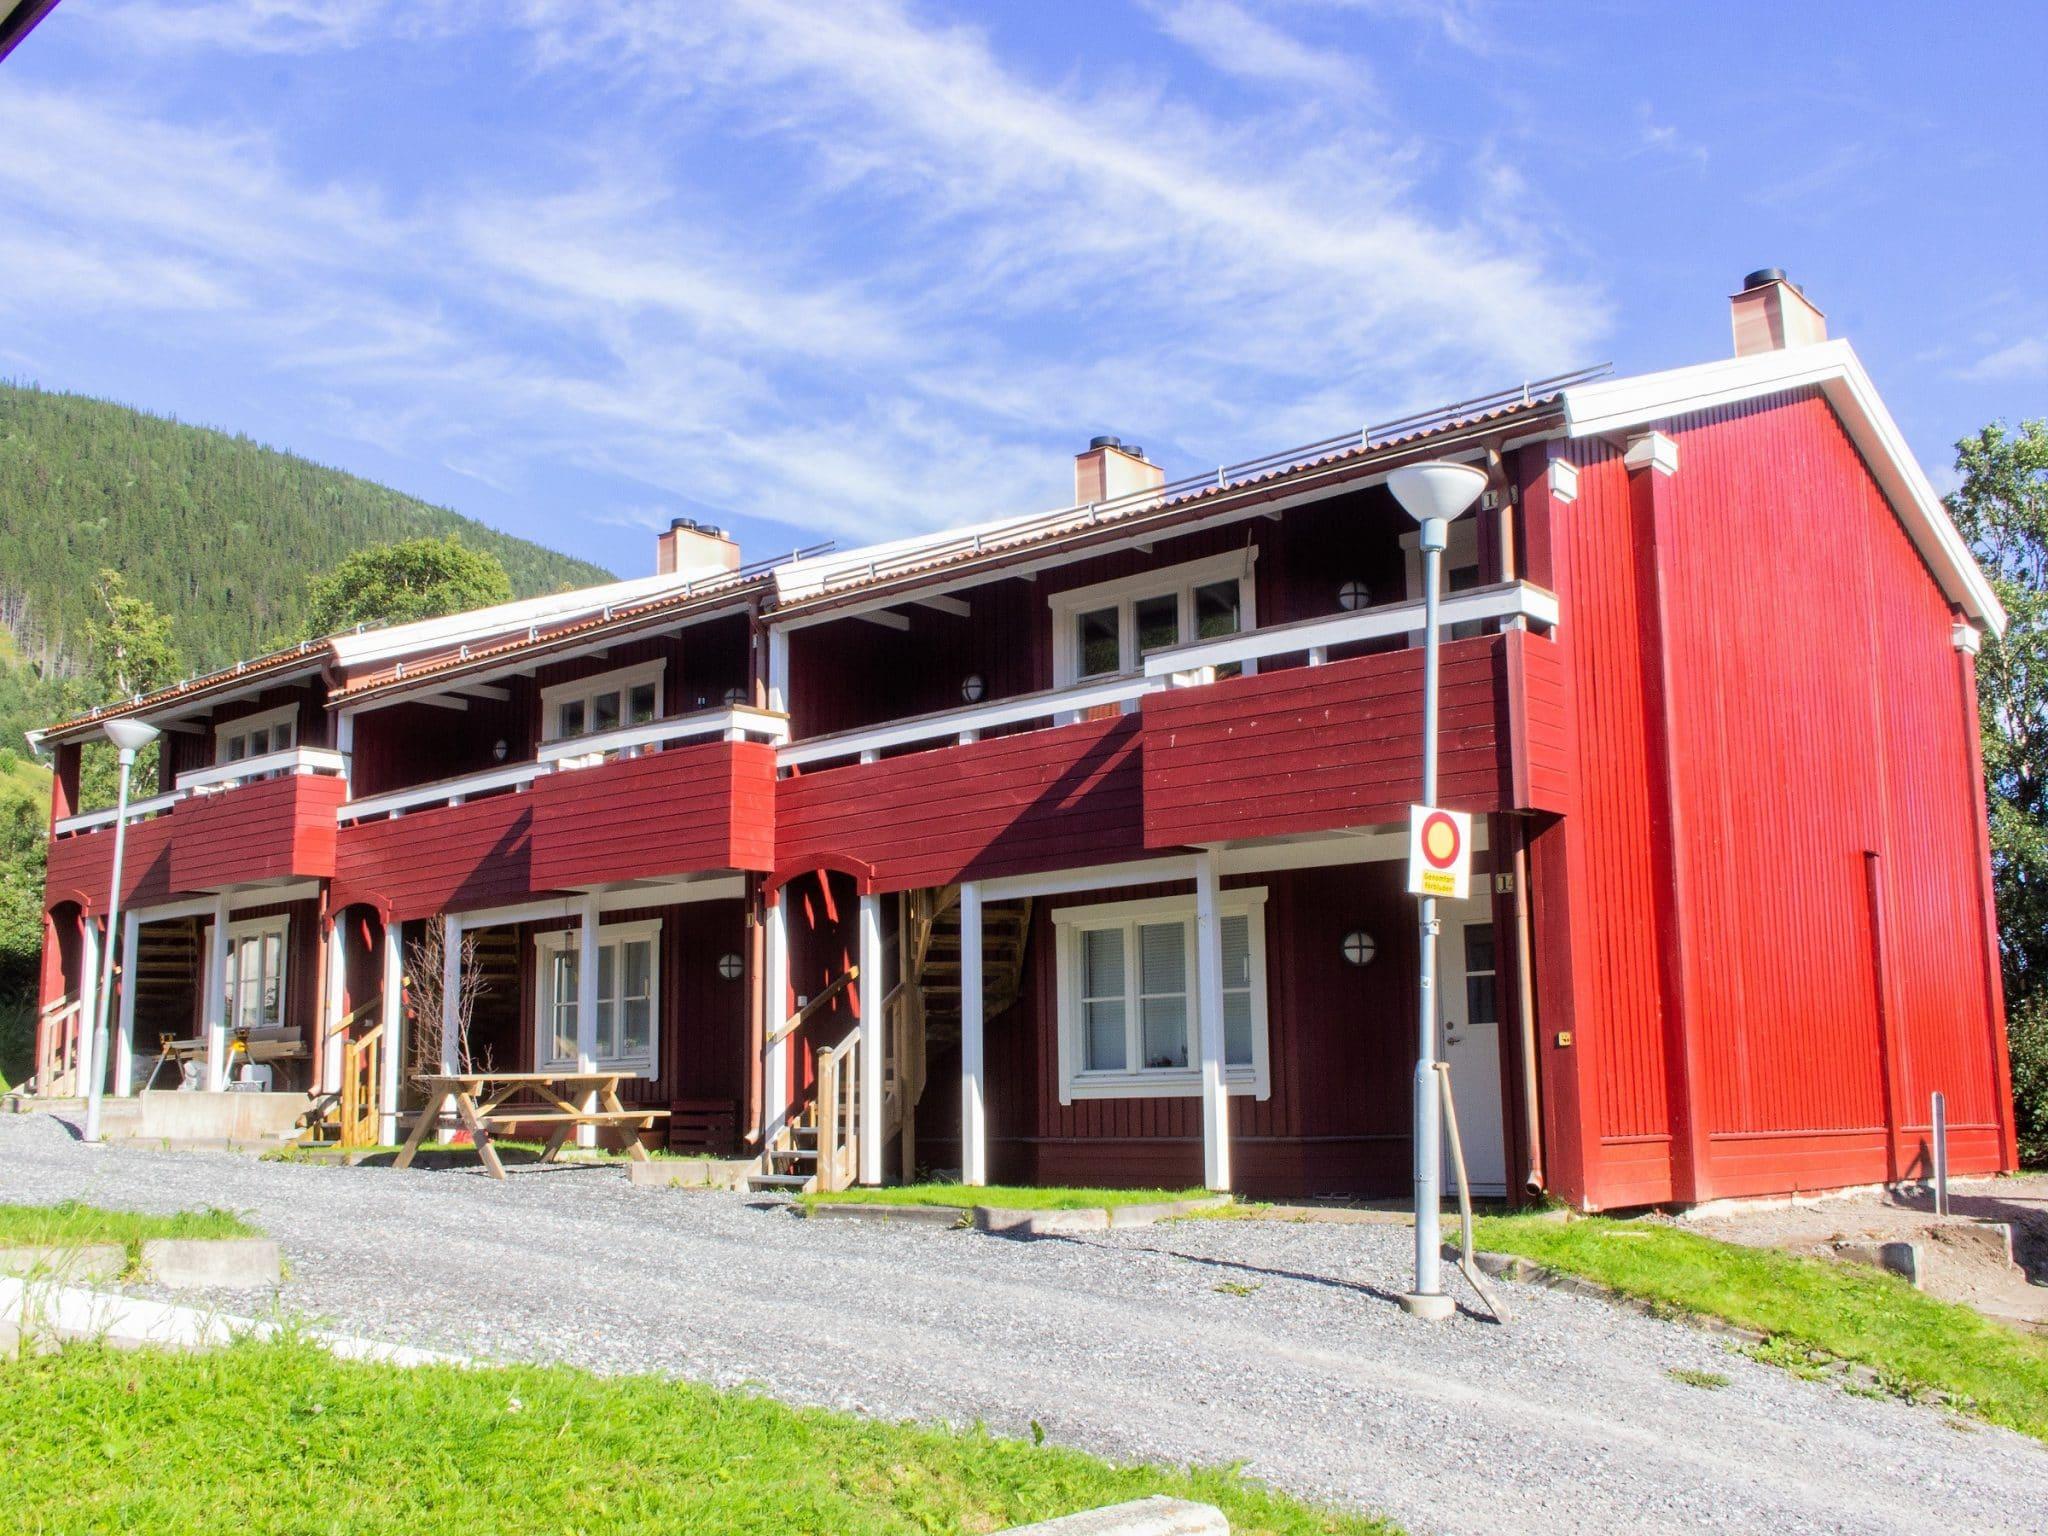 Torvtaket sommartid i Åre